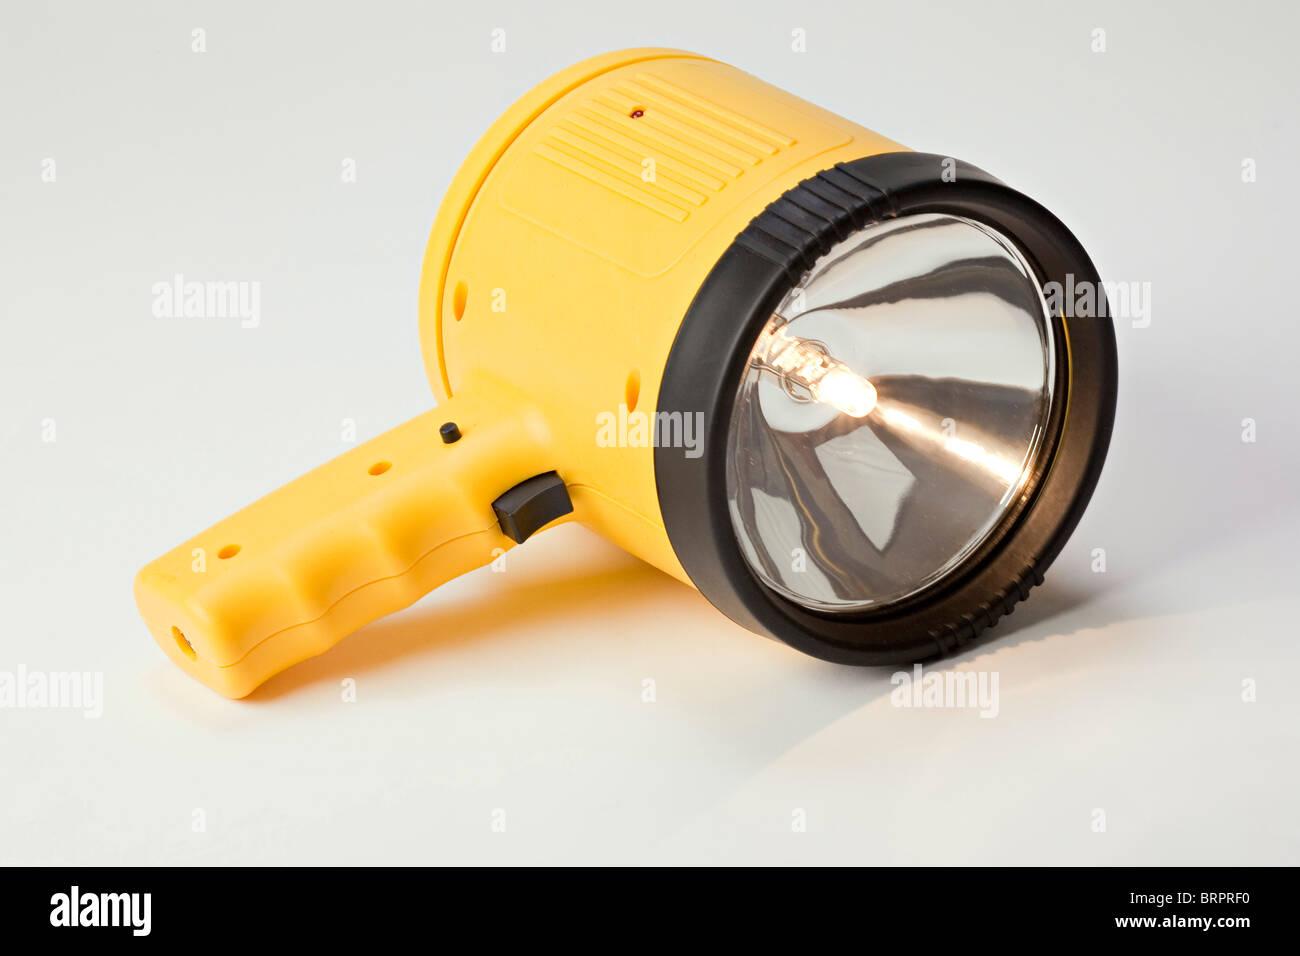 Lampe torche halogène / Photo Stock